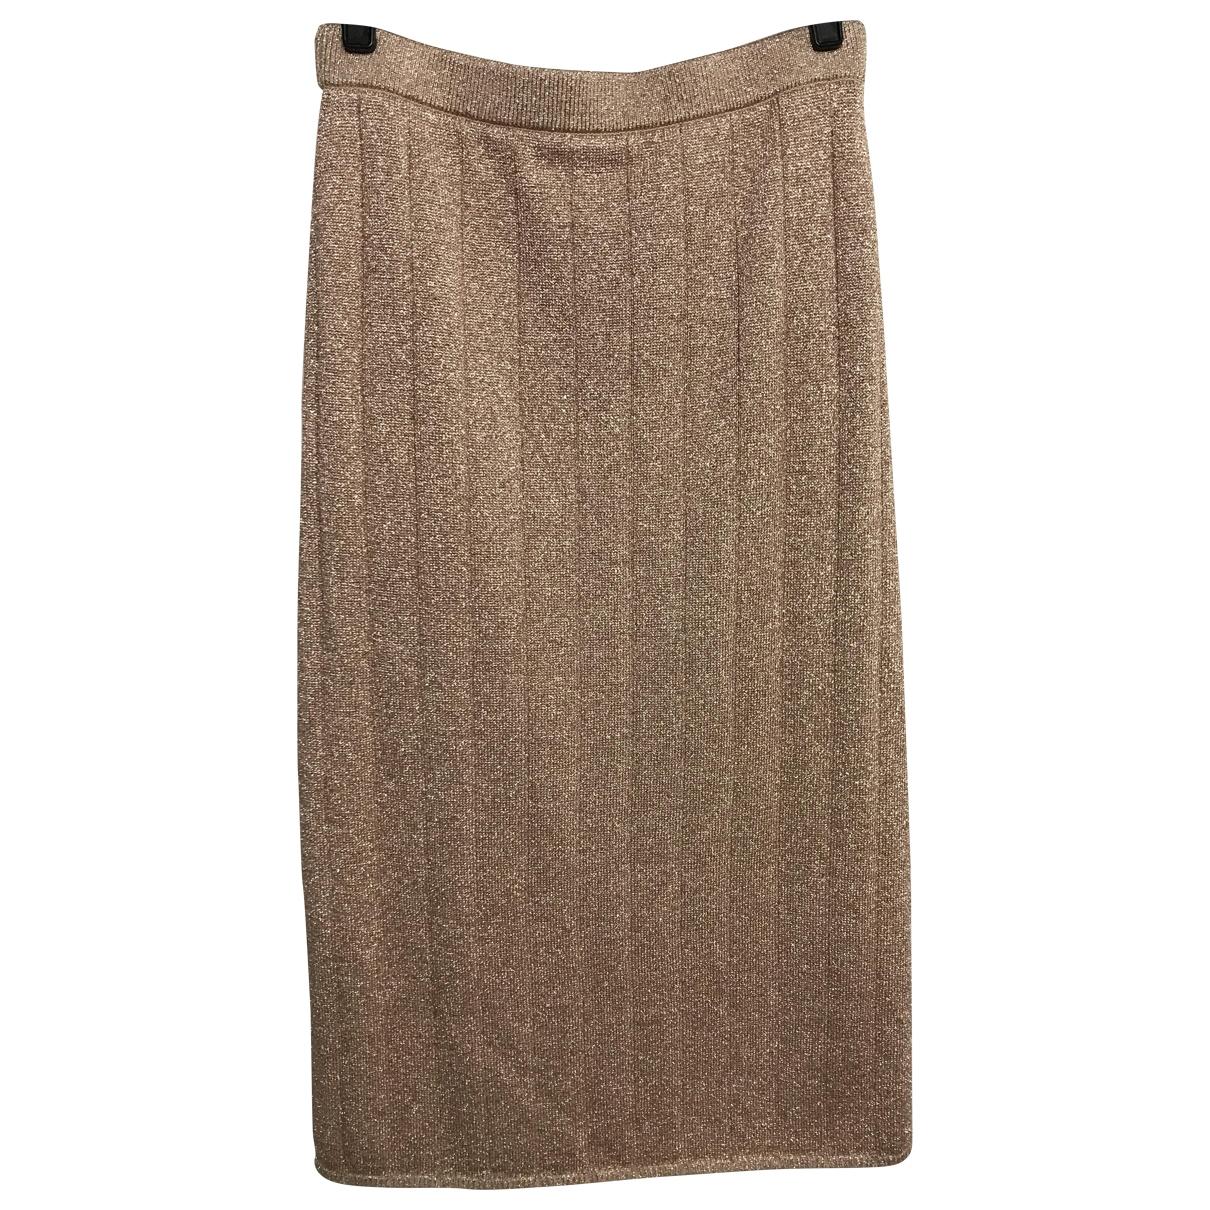 Marc Jacobs \N skirt for Women M International